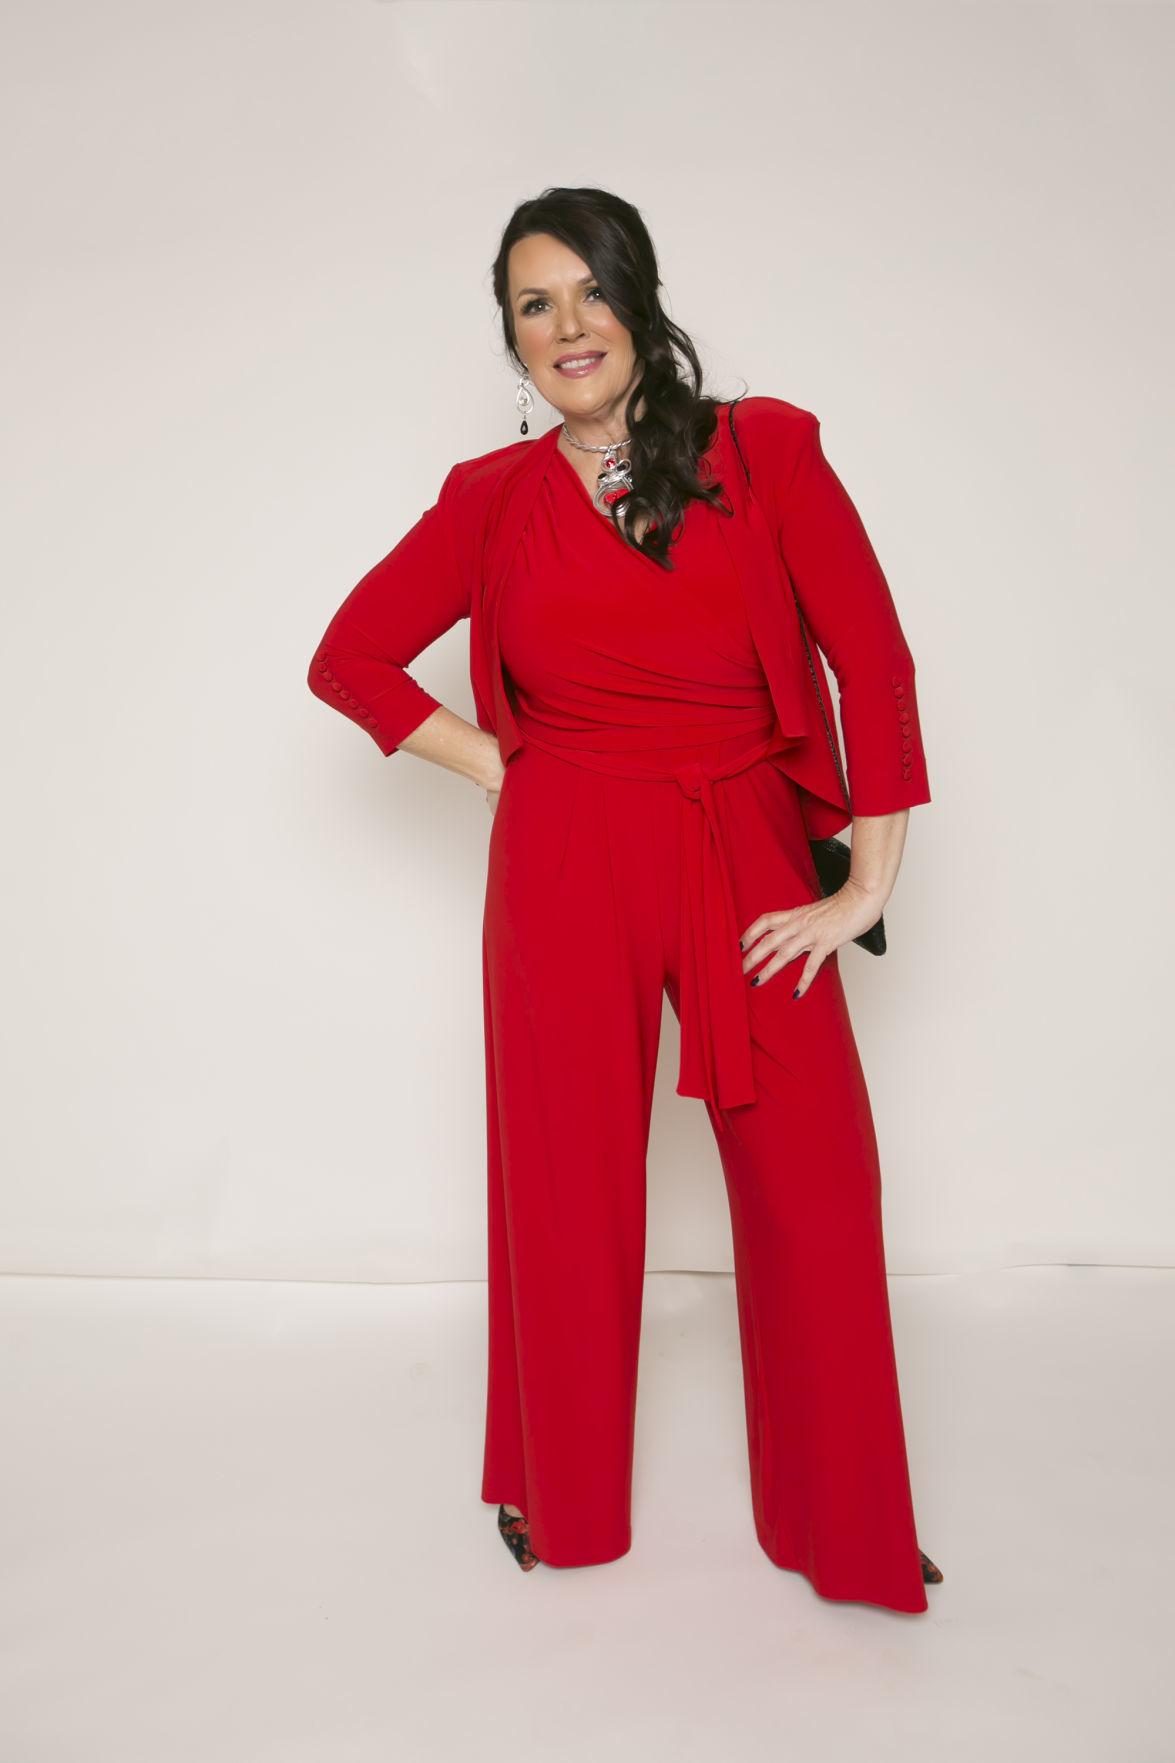 priscillas red suit.jpg